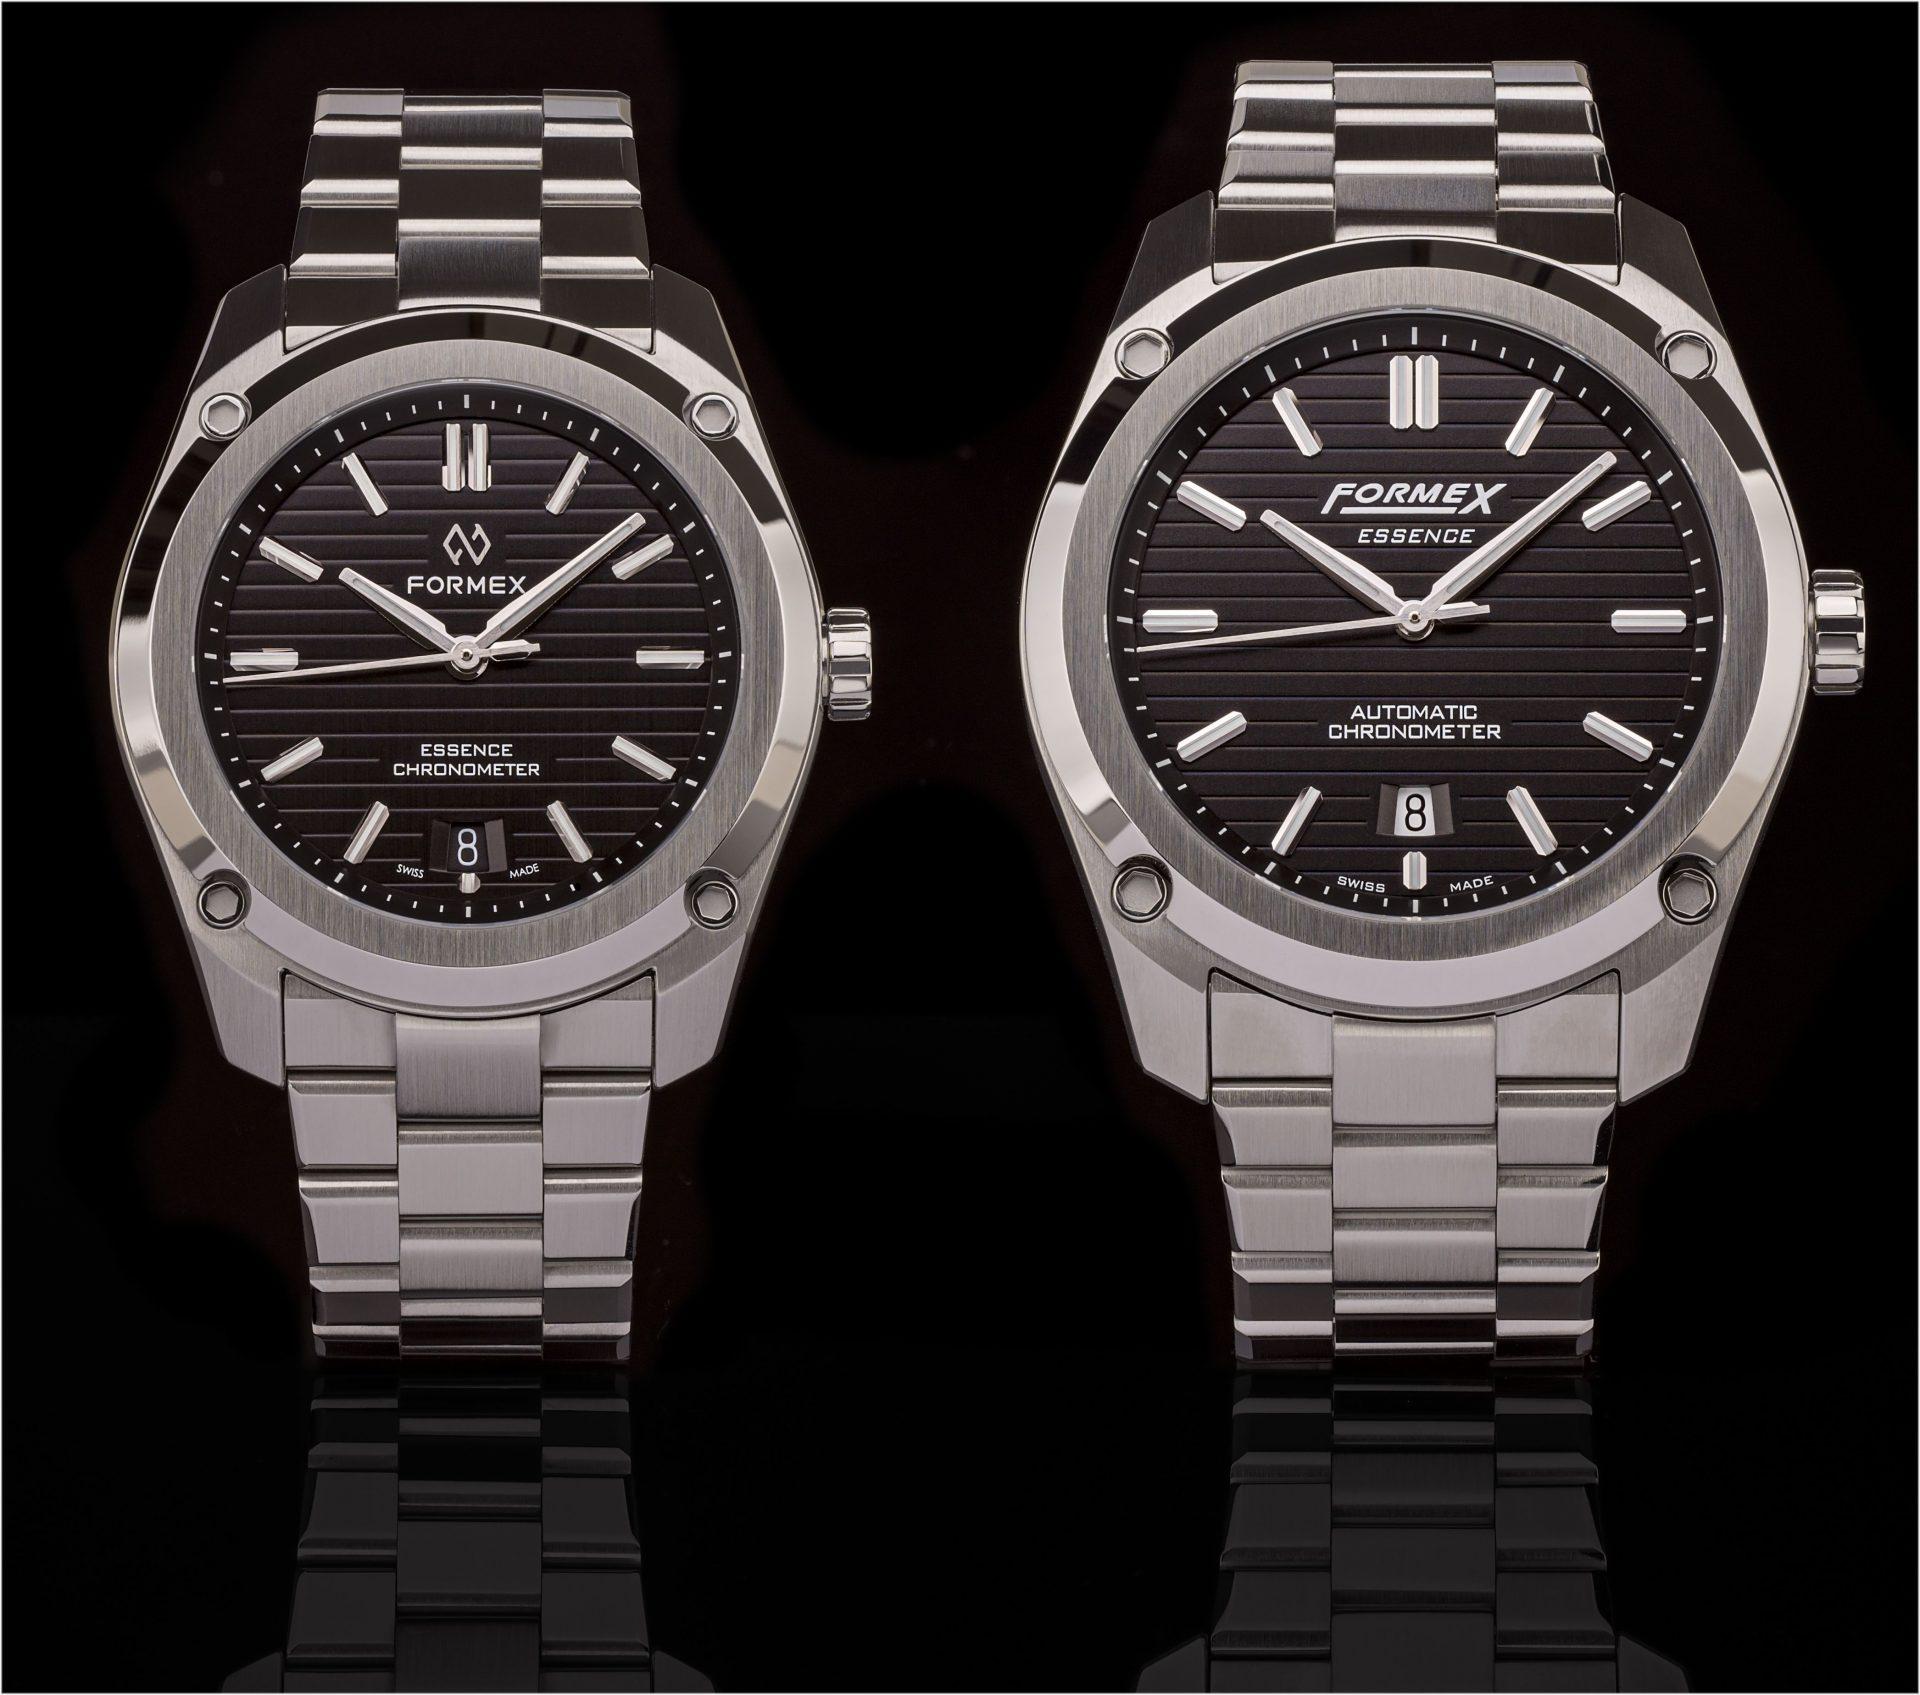 Formex Essence mit 43 (rechts) und 39 Millimetern Durchmesser. In beiden Uhren tickt das Eta-2828-basierte Automatikkaliber Sellita SW-200.